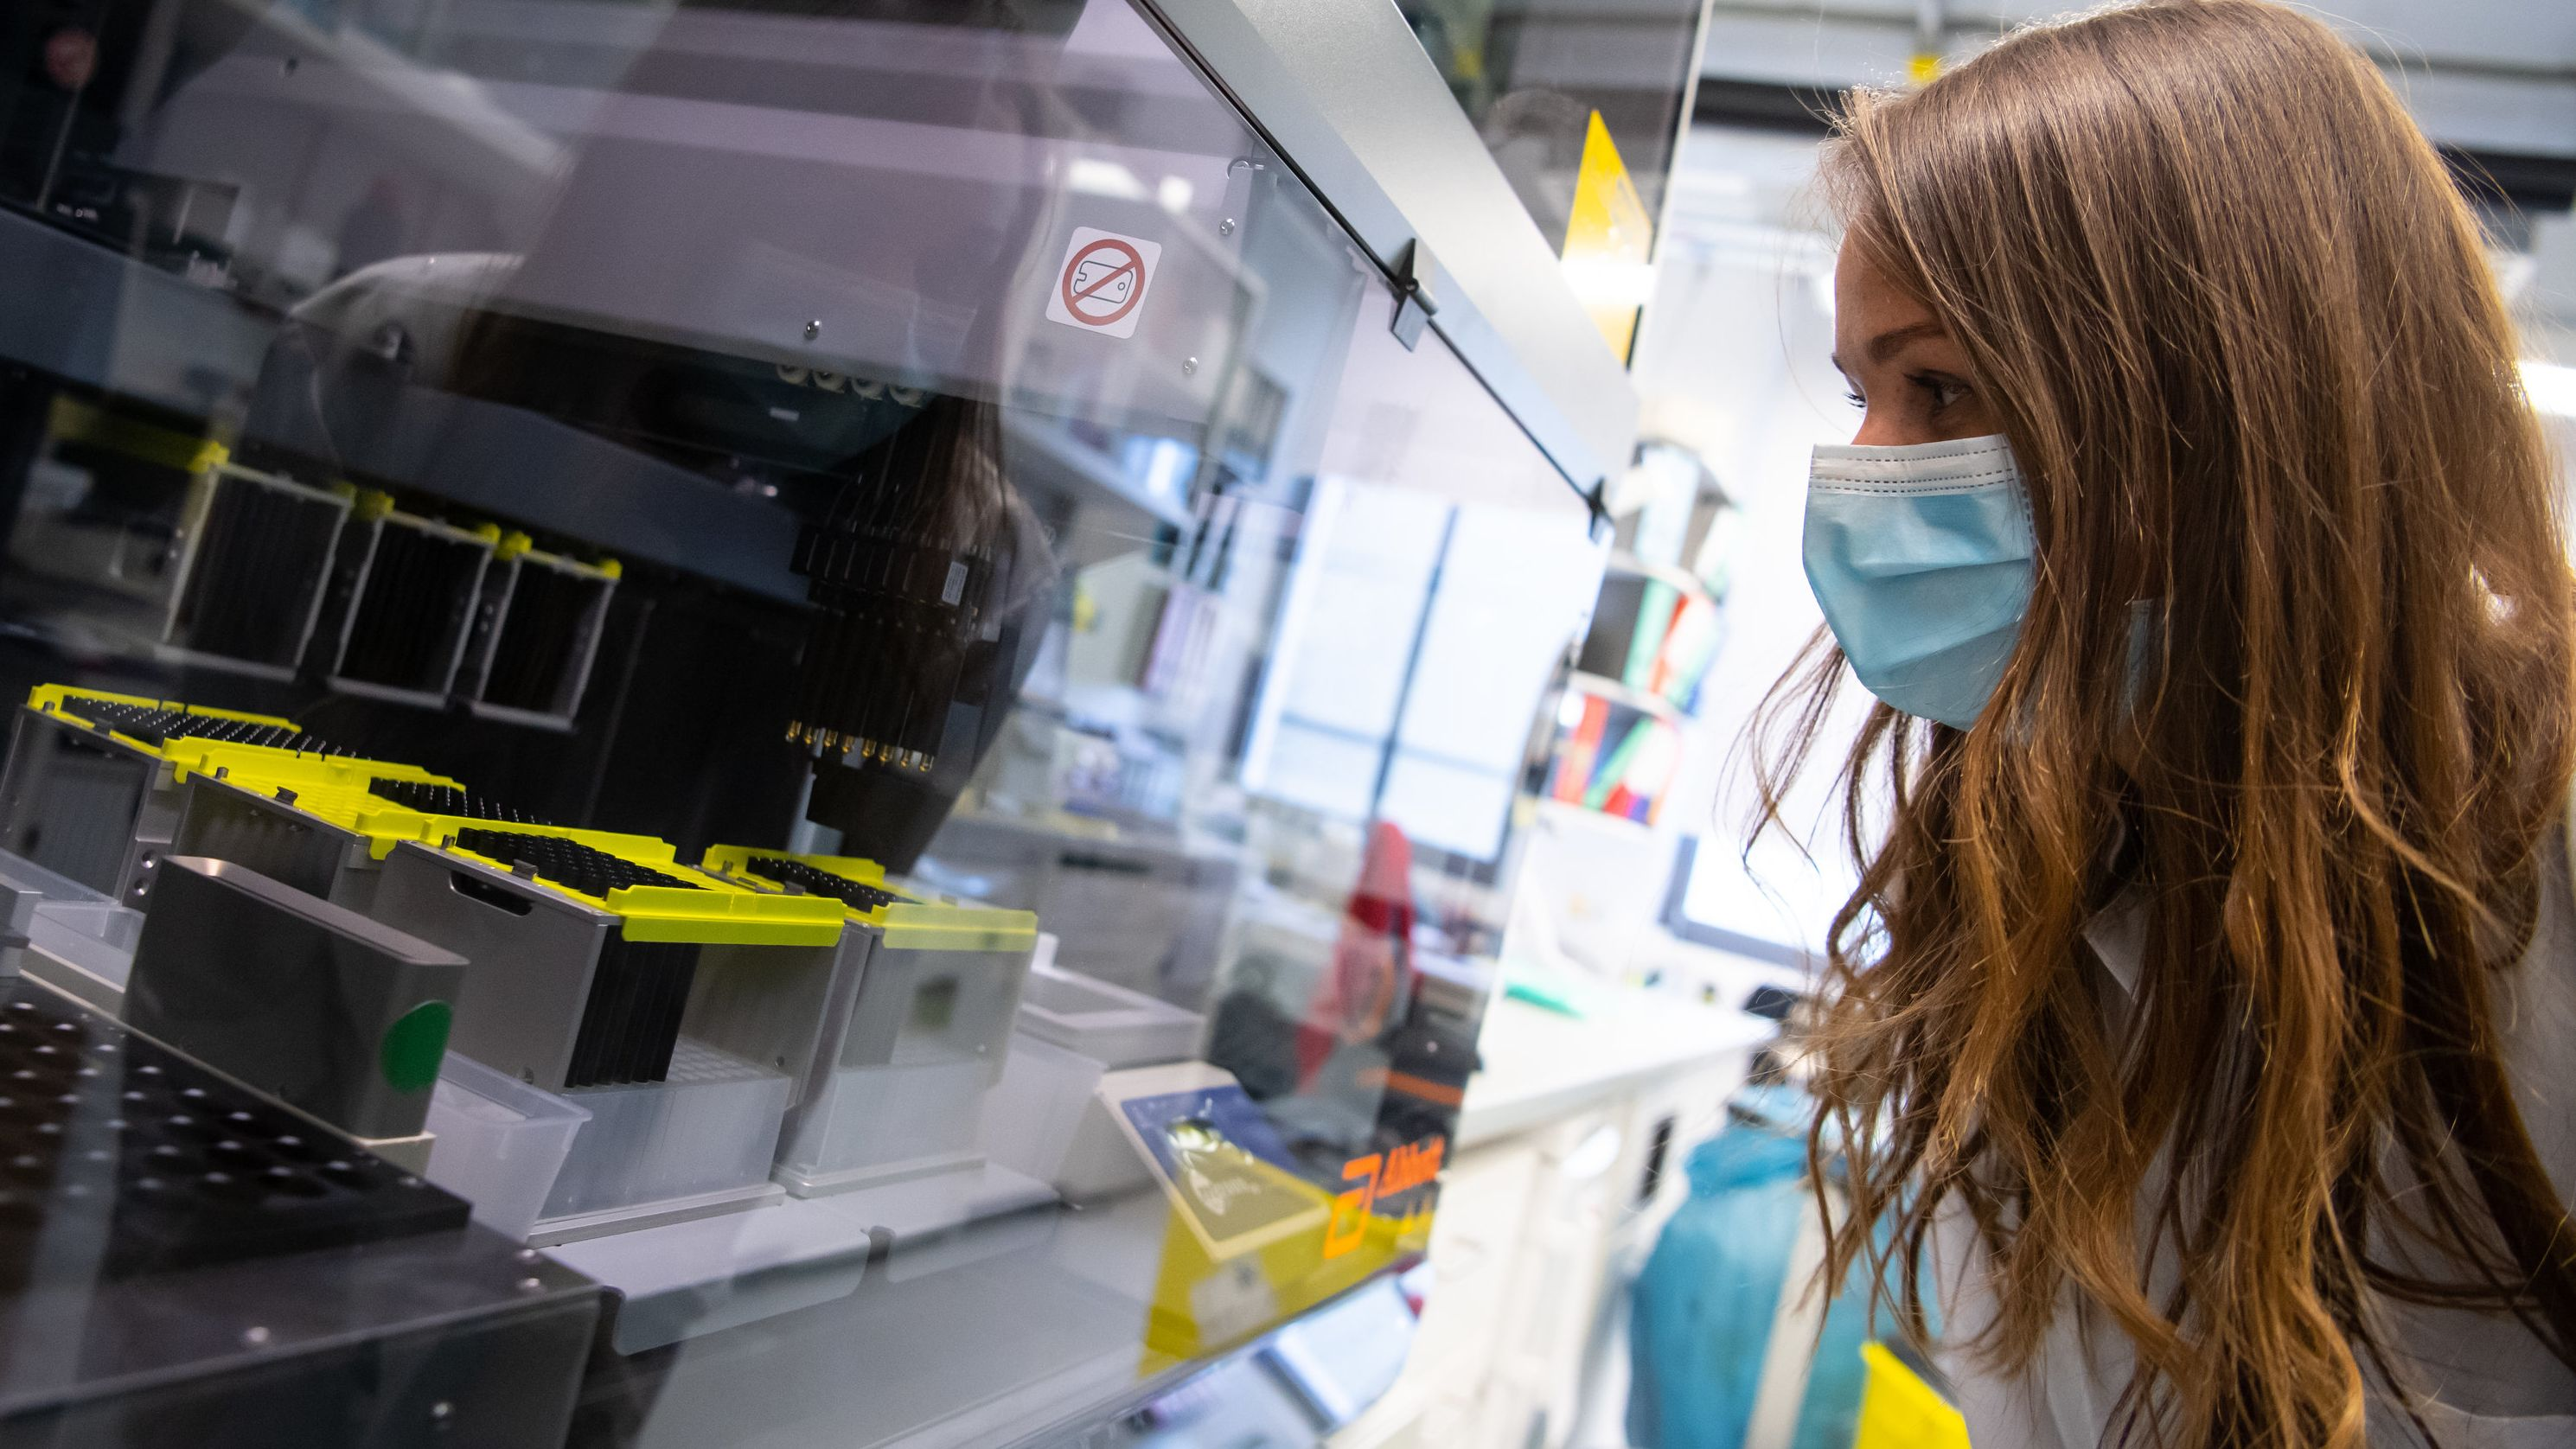 Eine Mitarbeiterin am Institut für Virologie der technischen Universität München (TUM) überprüft einen Pipettierroboter der Proben von Menschen mit Covid-19 Verdacht in einem Labor für die weitere Analyse vorbereitet.